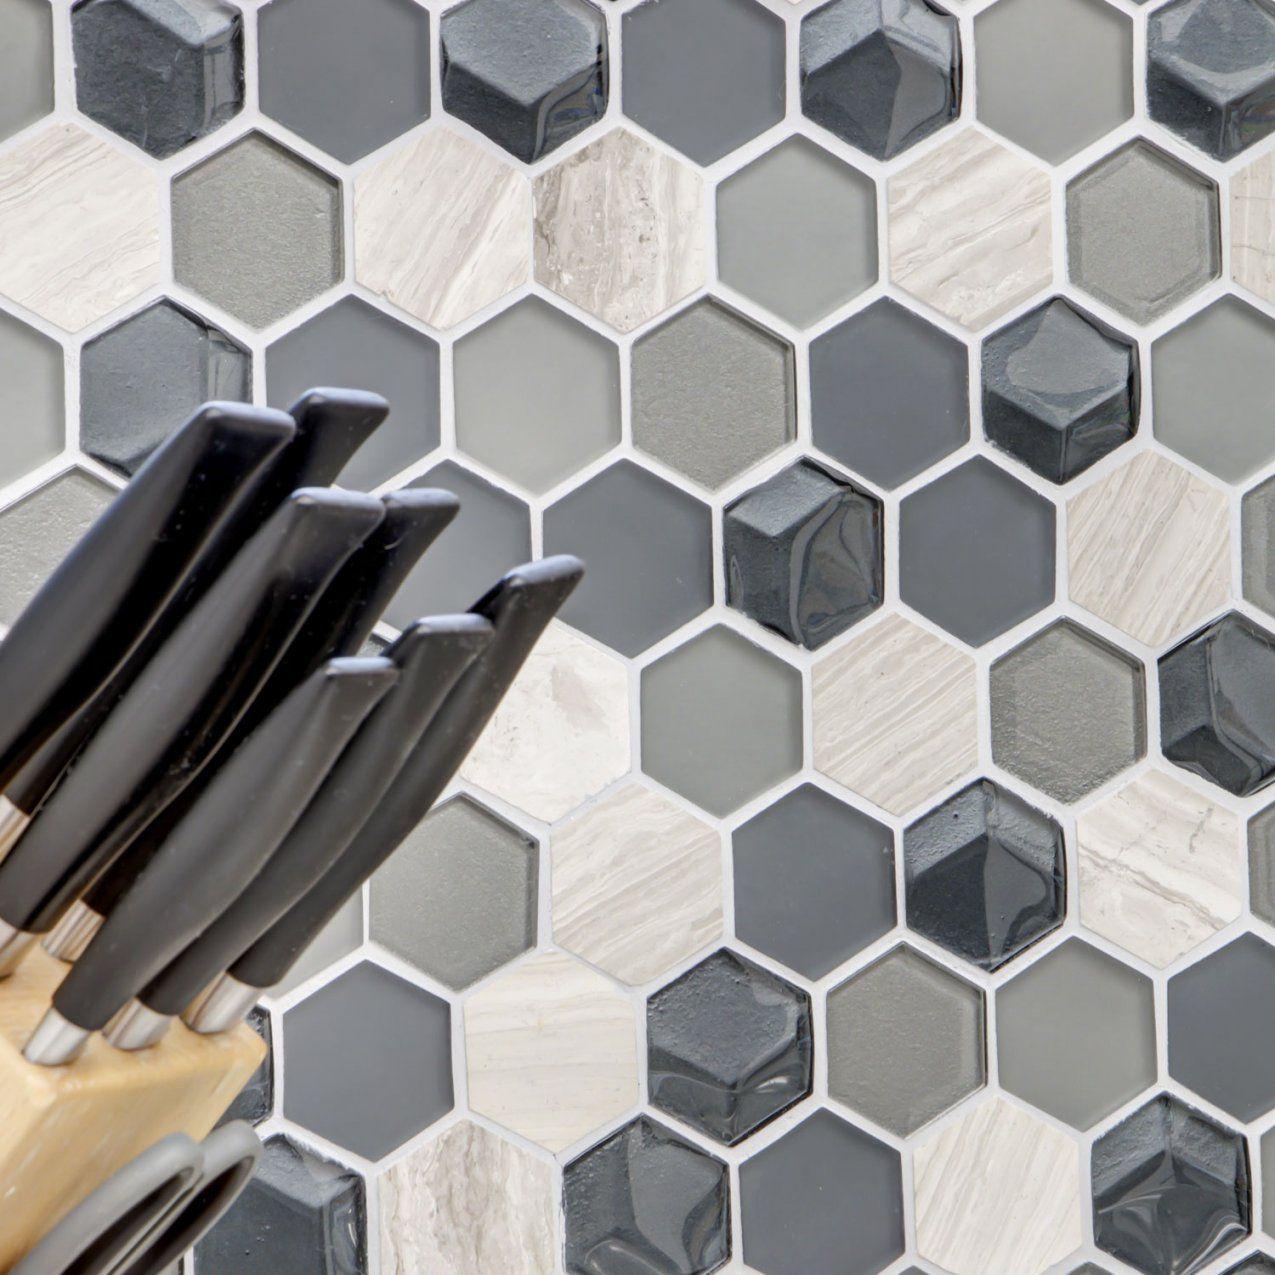 fliesen mosaik günstig   arbeitsplatte mosaik test vergleich